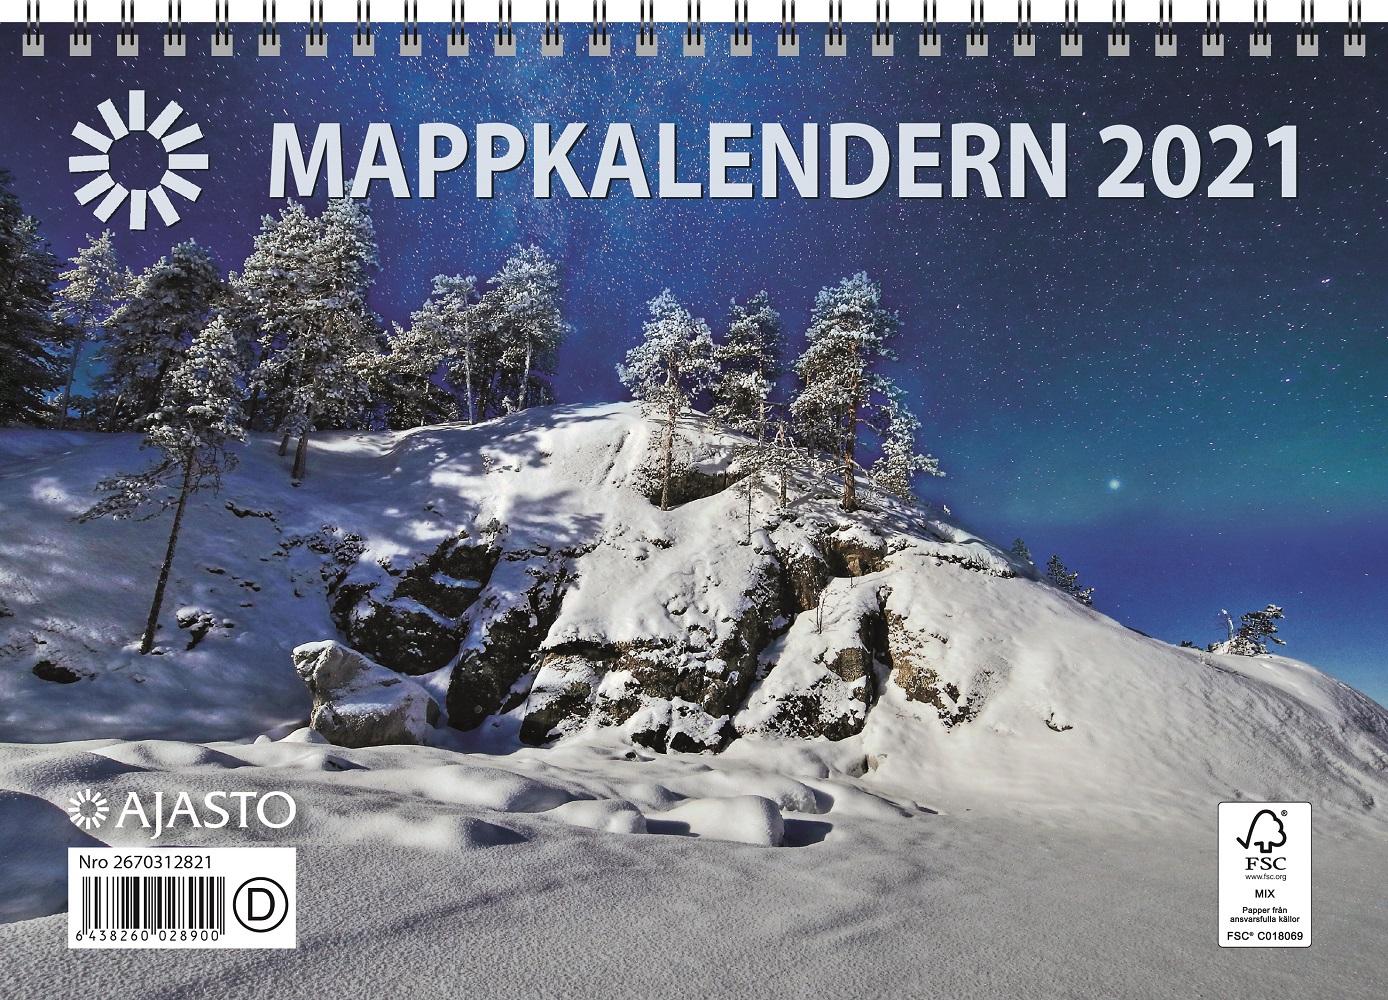 Mappkalendern 2021